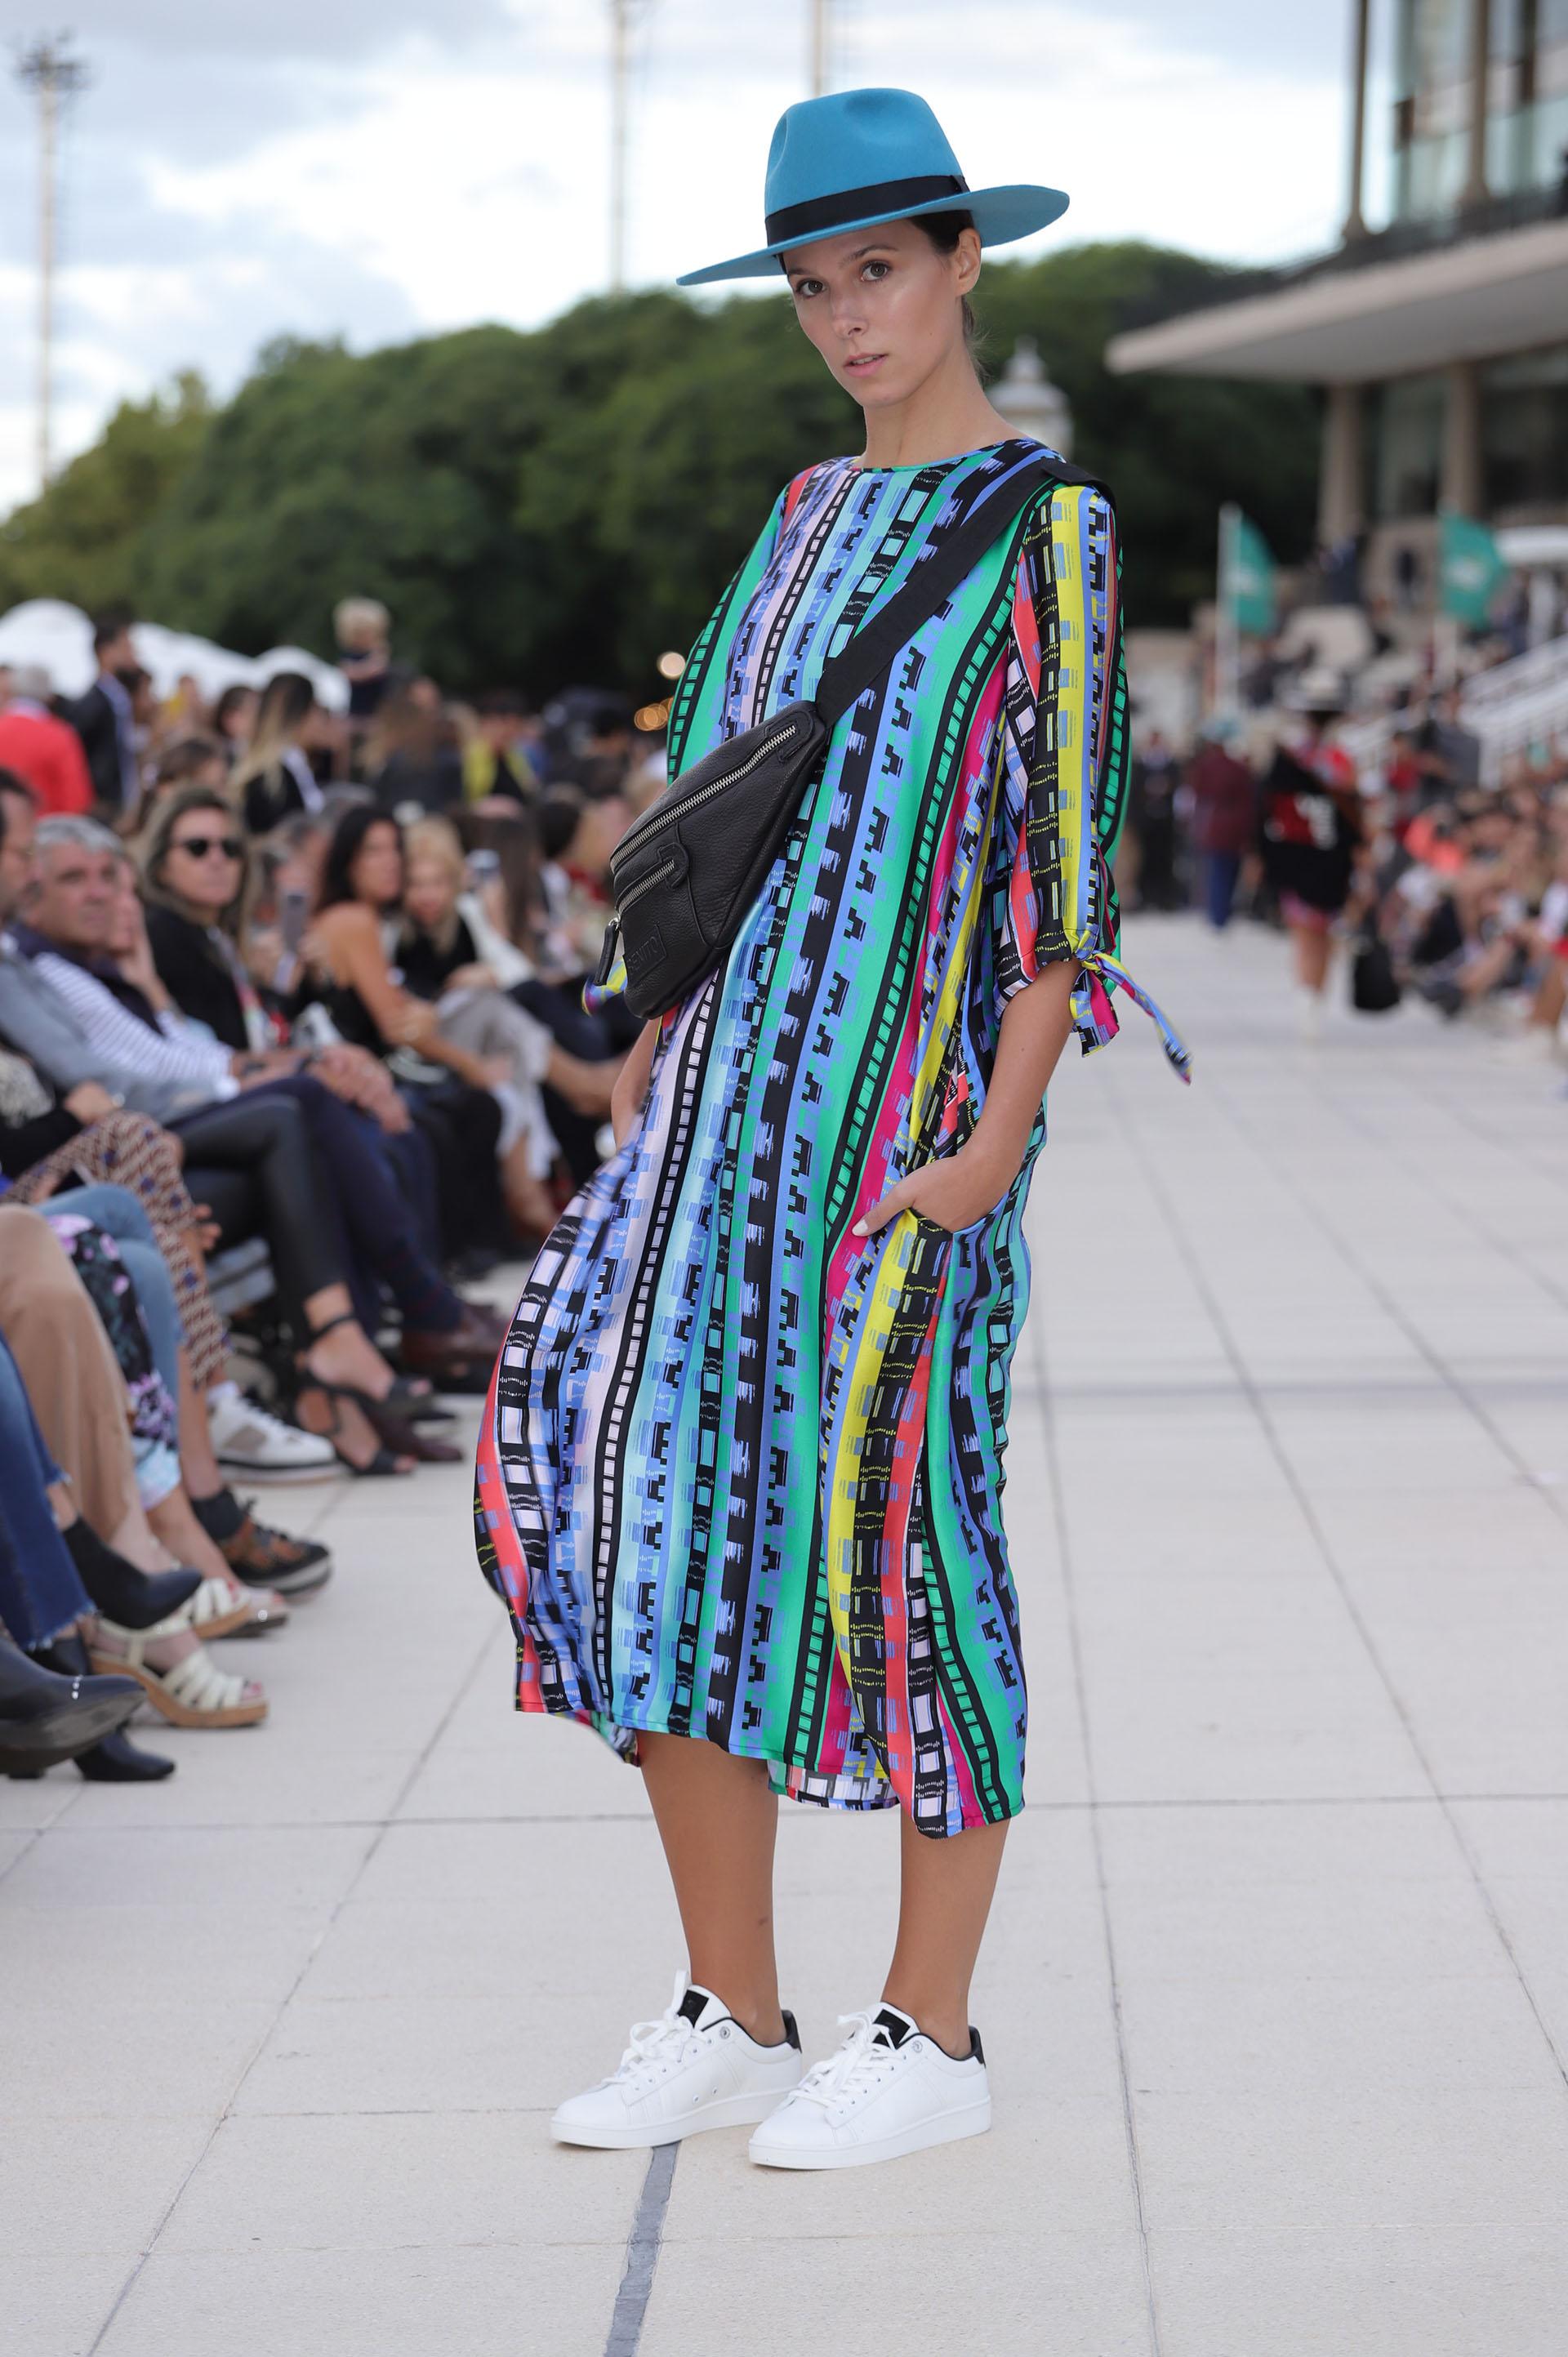 Las túnicas vibrantes (@photojohnnyar)